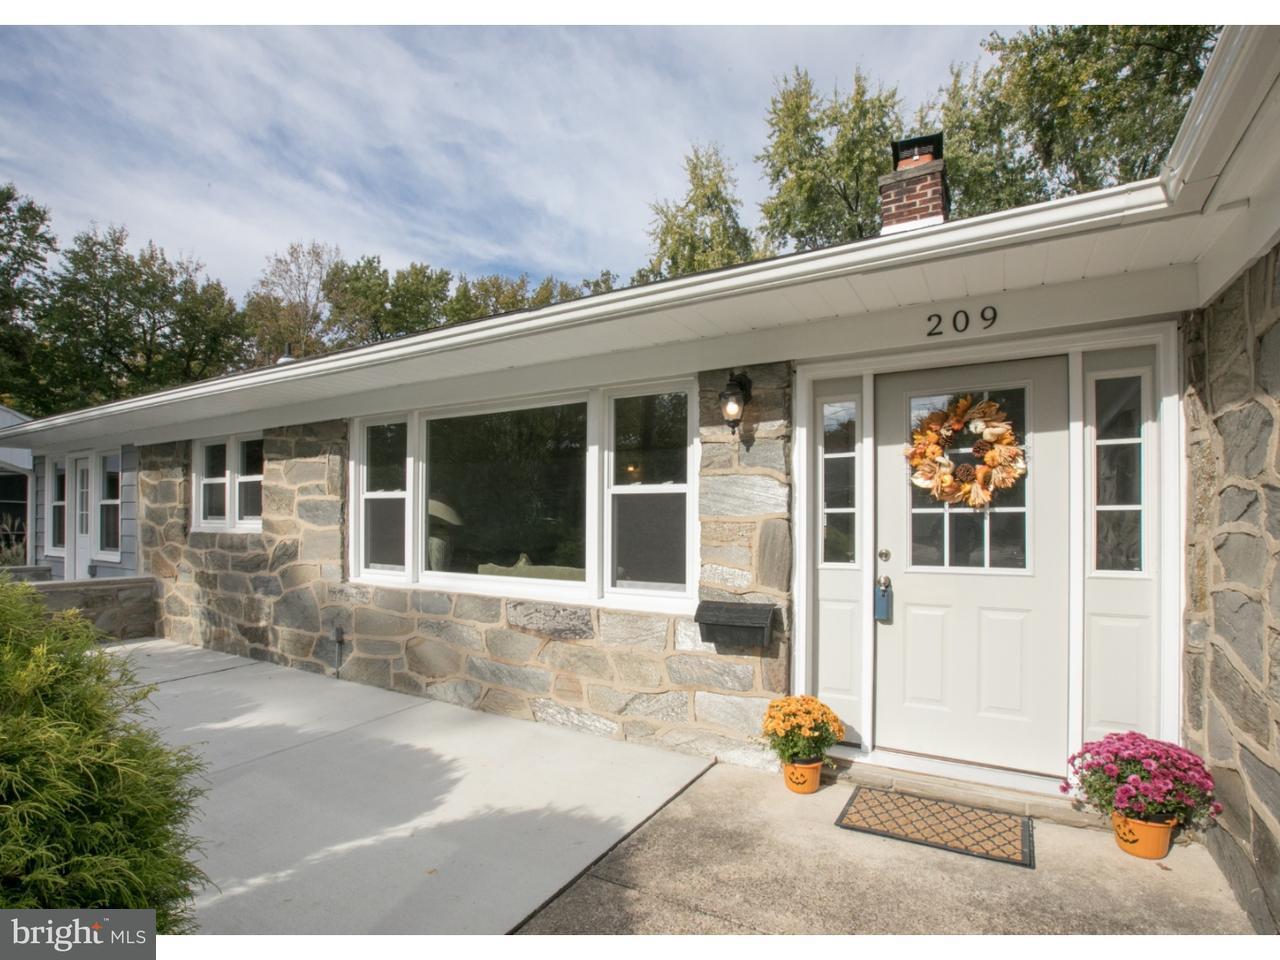 Casa Unifamiliar por un Venta en 209 NORWOOD Avenue Haddon Township, Nueva Jersey 08108 Estados Unidos